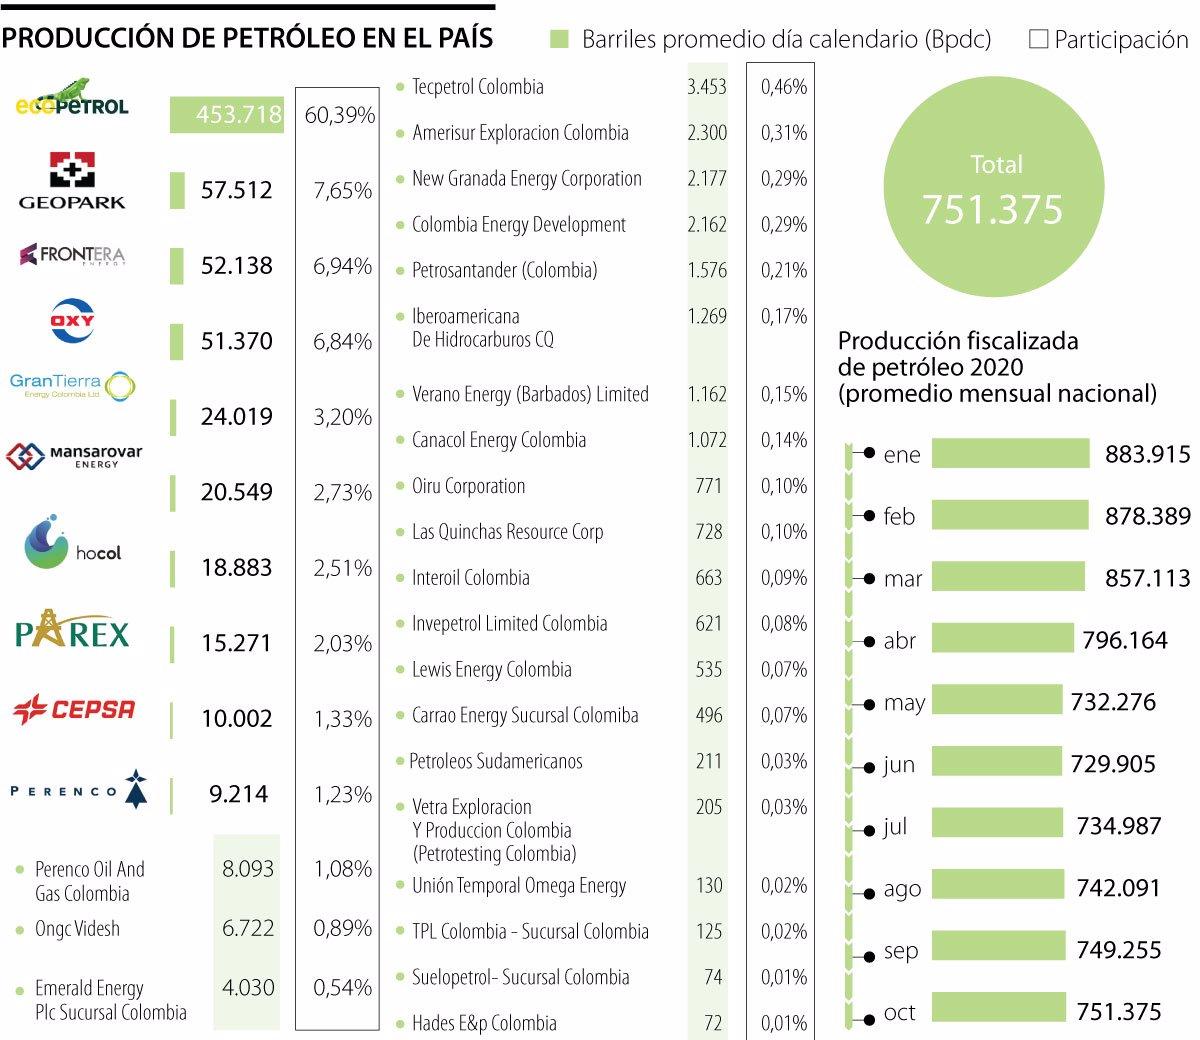 Cinco empresas son responsables de 85% de la producción de petróleo en Colombia